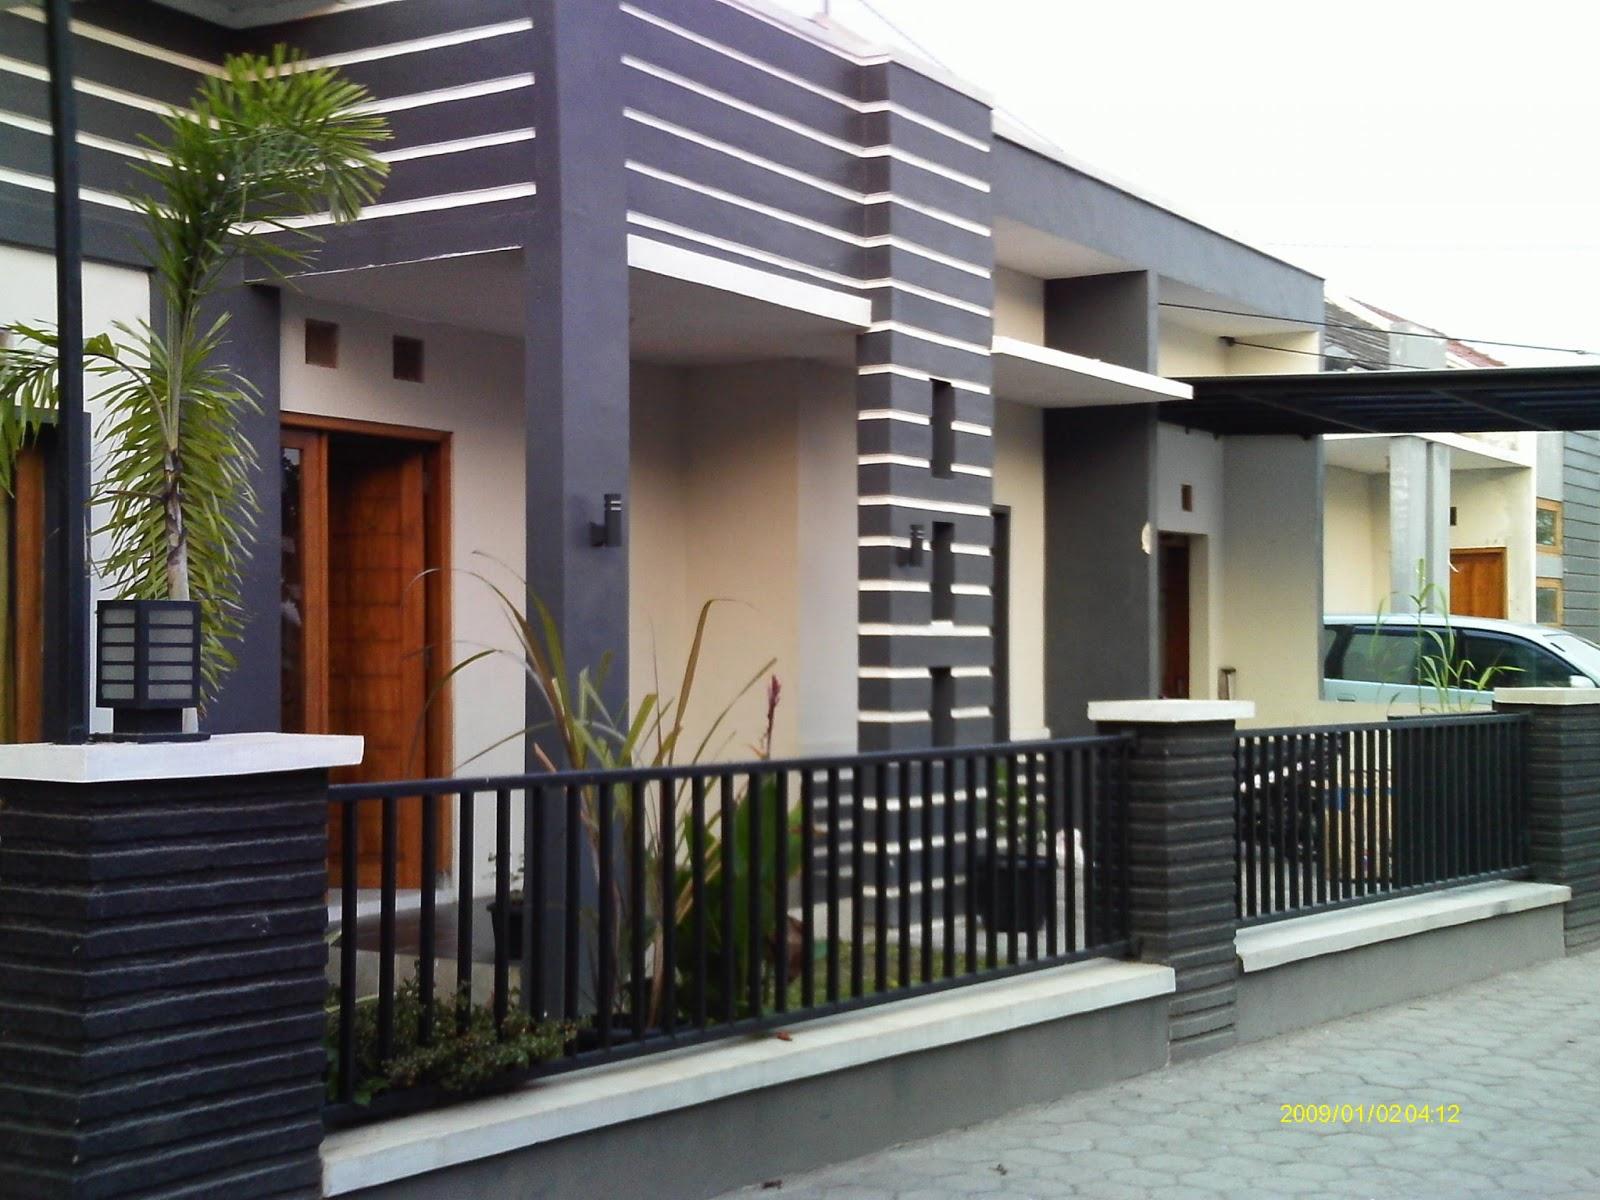 70 Desain Pagar Rumah Minimalis Kayu dan Besi  Desainrumahnyacom